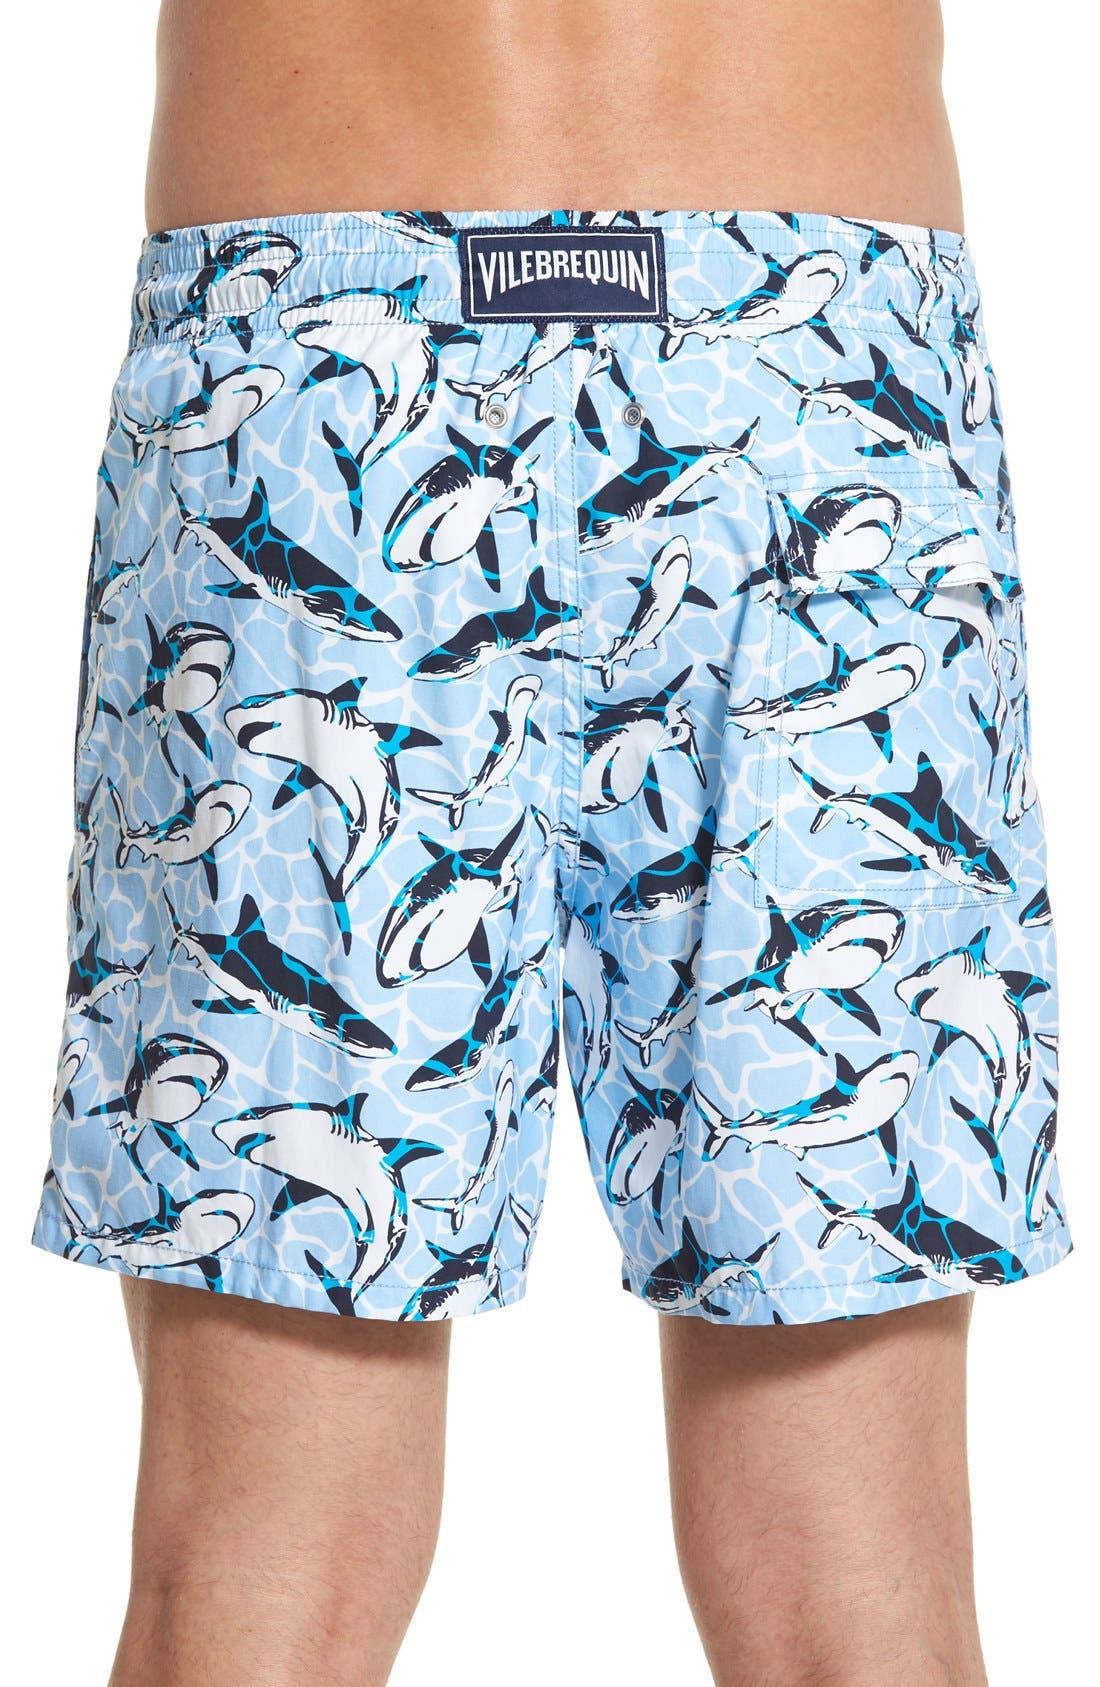 'Moorea - Sharks' Swim Trunks,                             Alternate thumbnail 2, color,                             Sky Blue